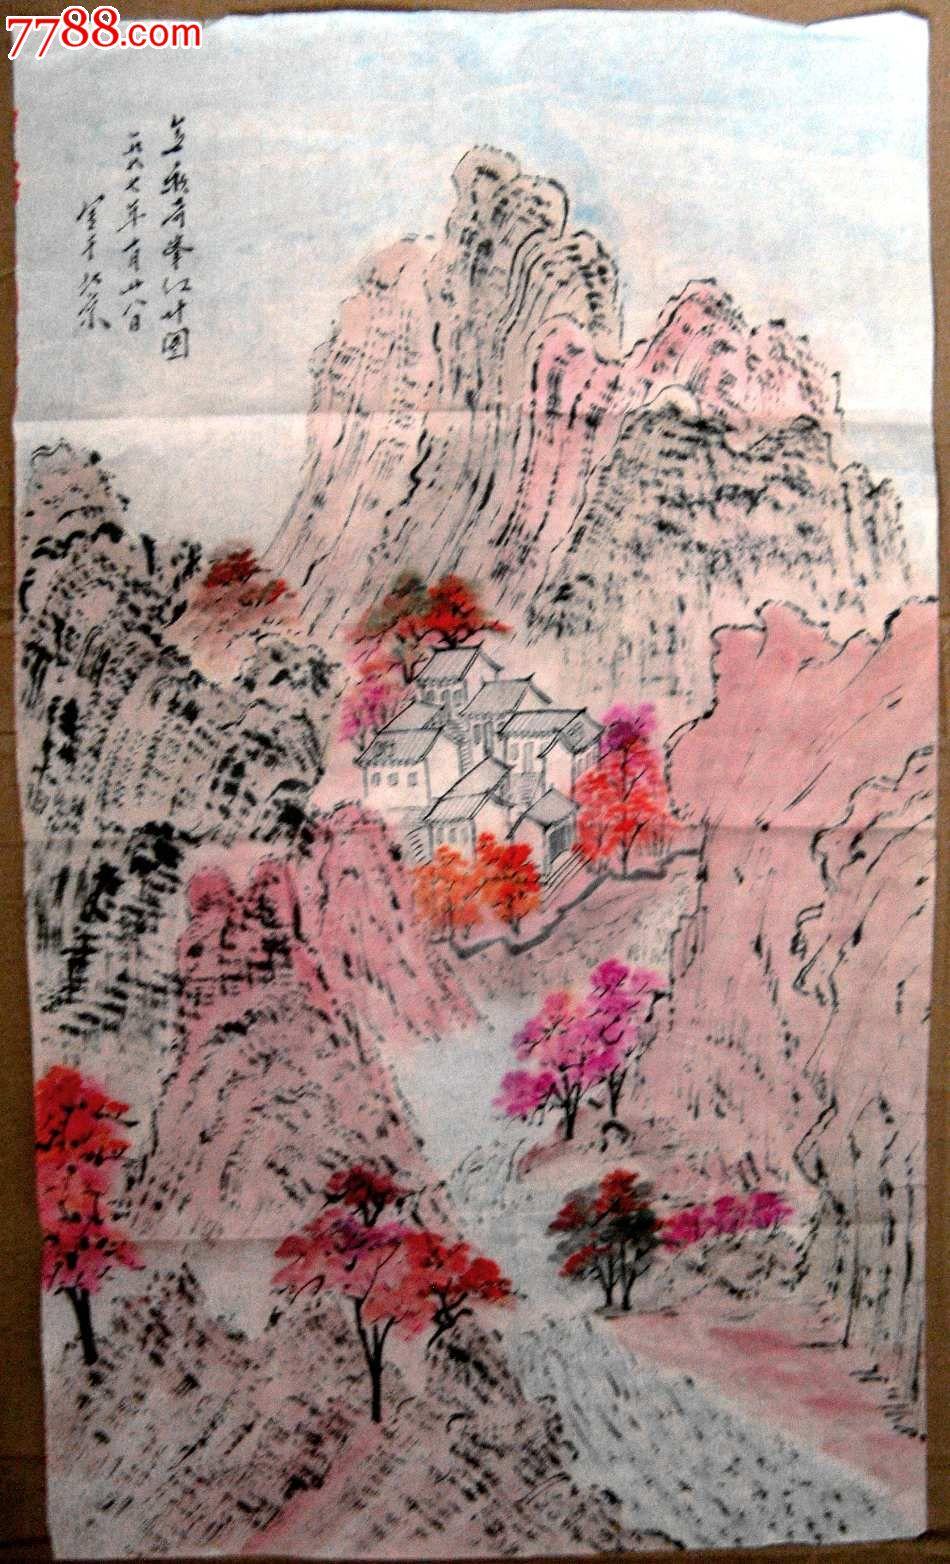 北京画家二尺条幅山水画《金秋奇峰红叶图》图片